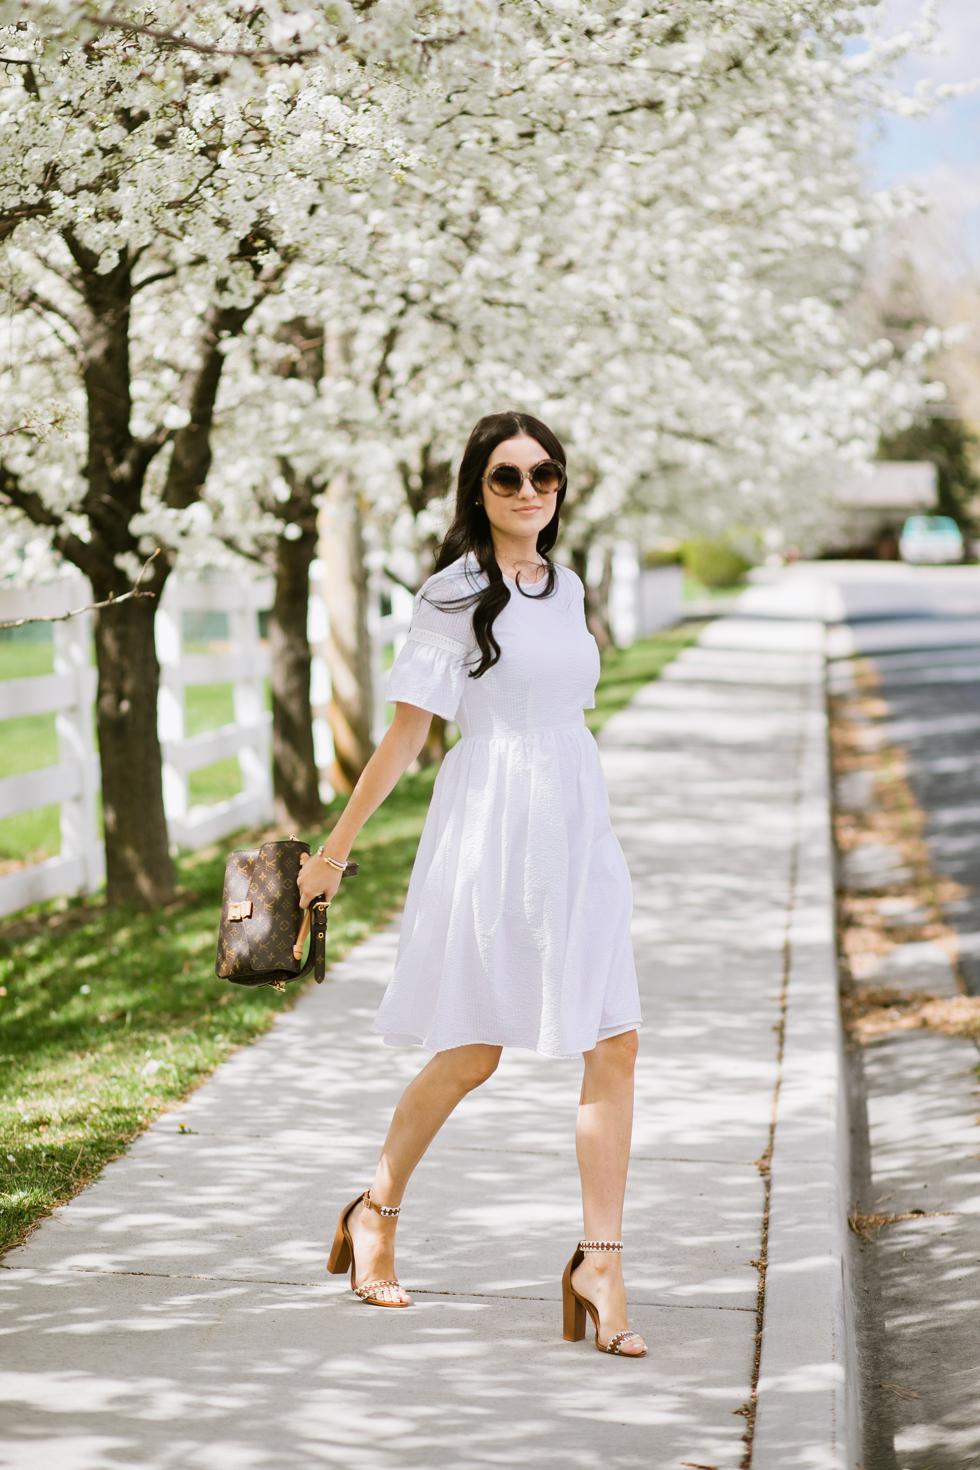 white-seer-sucker-dress-rachel-parcell - 1